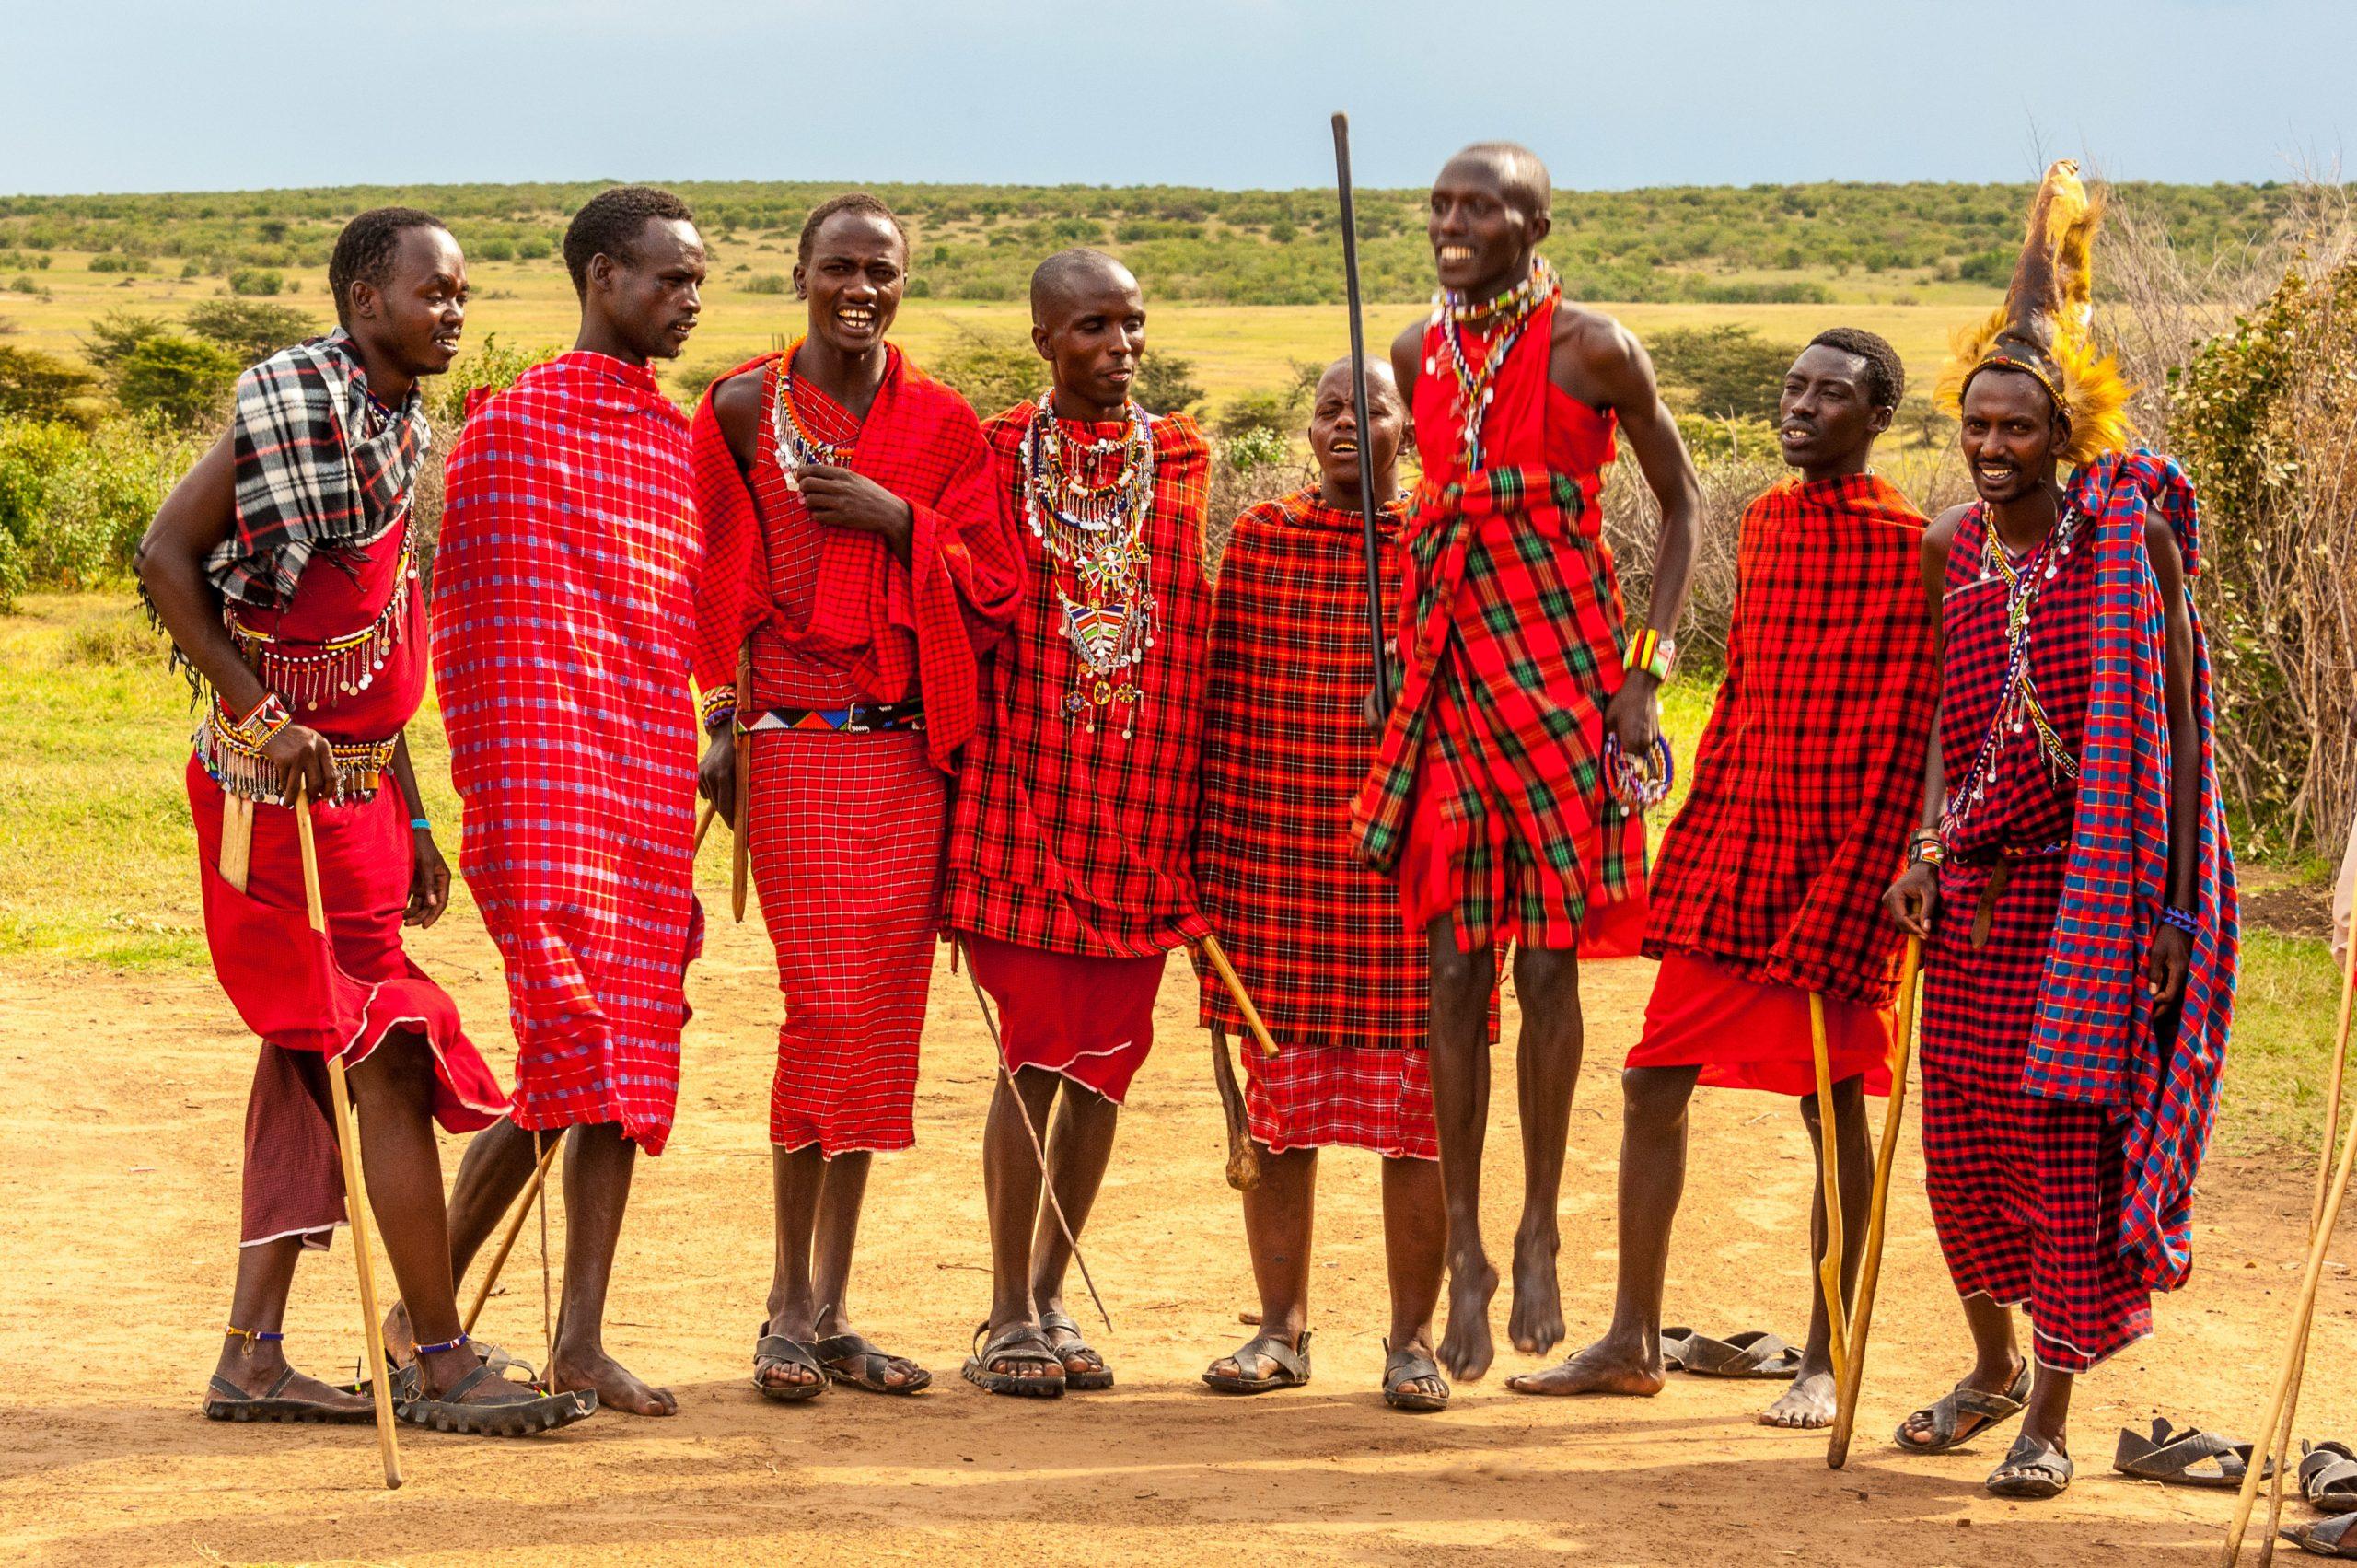 maasai people wearing red shuka